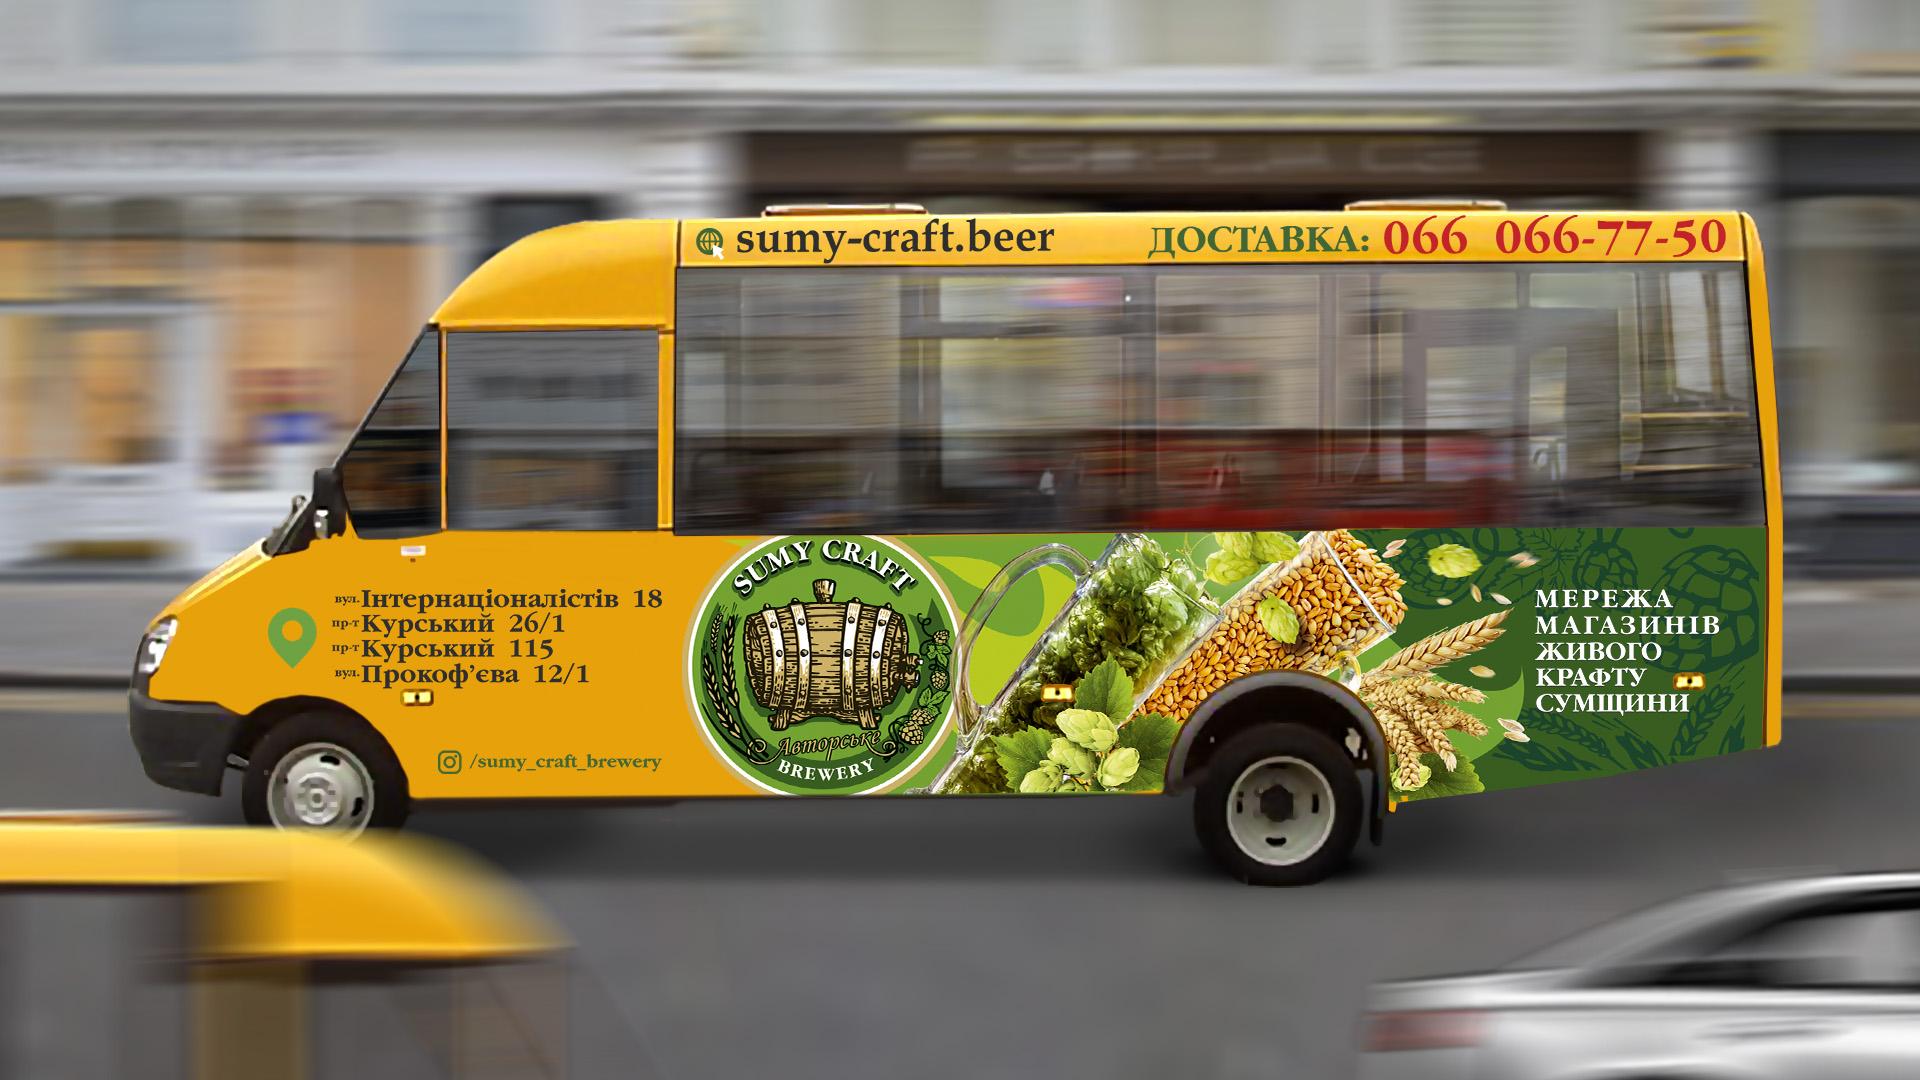 branding, transportation